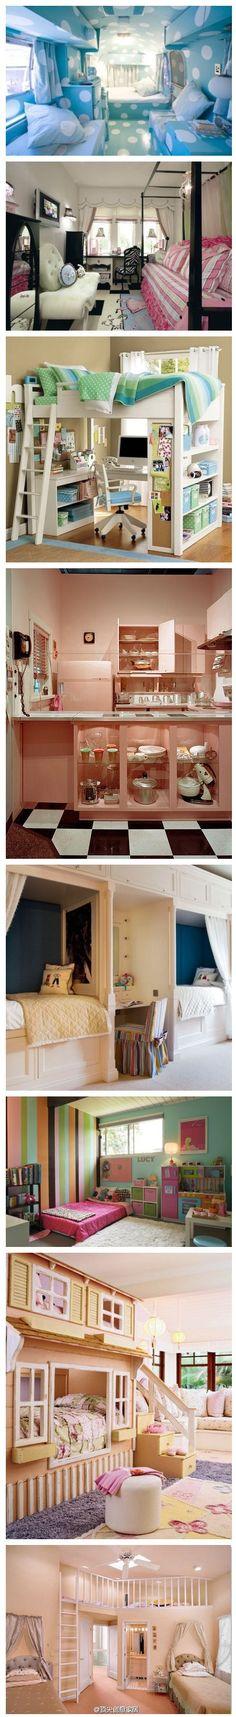 Awesomeness Pequeña Renovación de apartamentos, mezquina, pequeña Casa, el menudo sin un temperamento romántico y delicado.